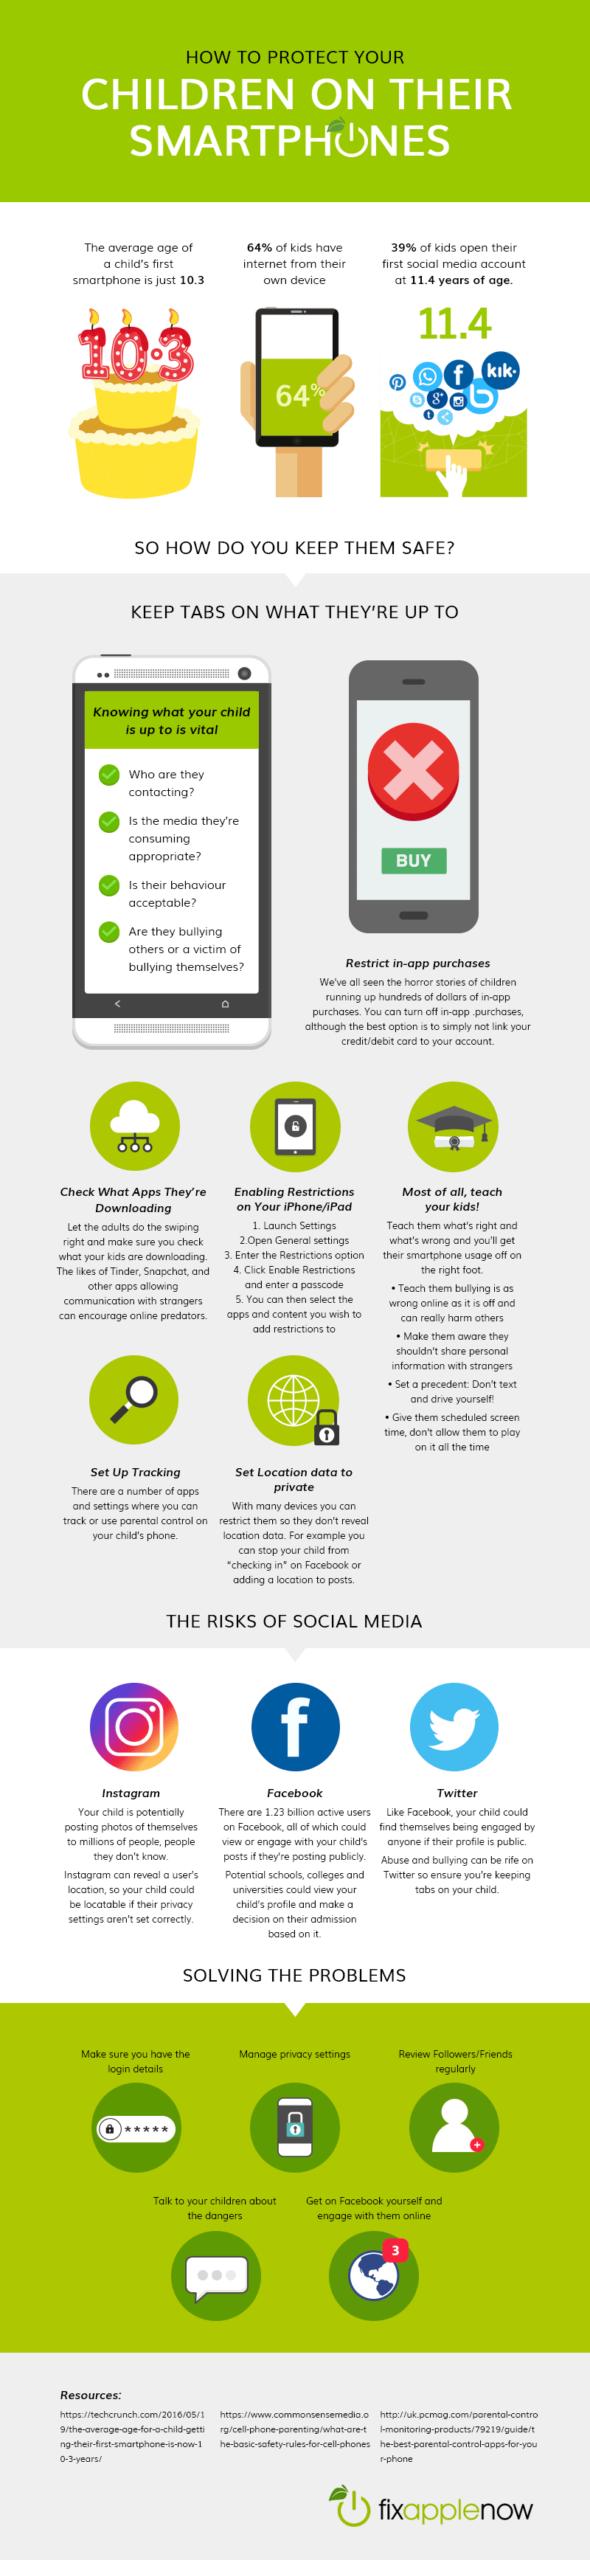 Kids vs Online: Safeguarding Tips for Parents